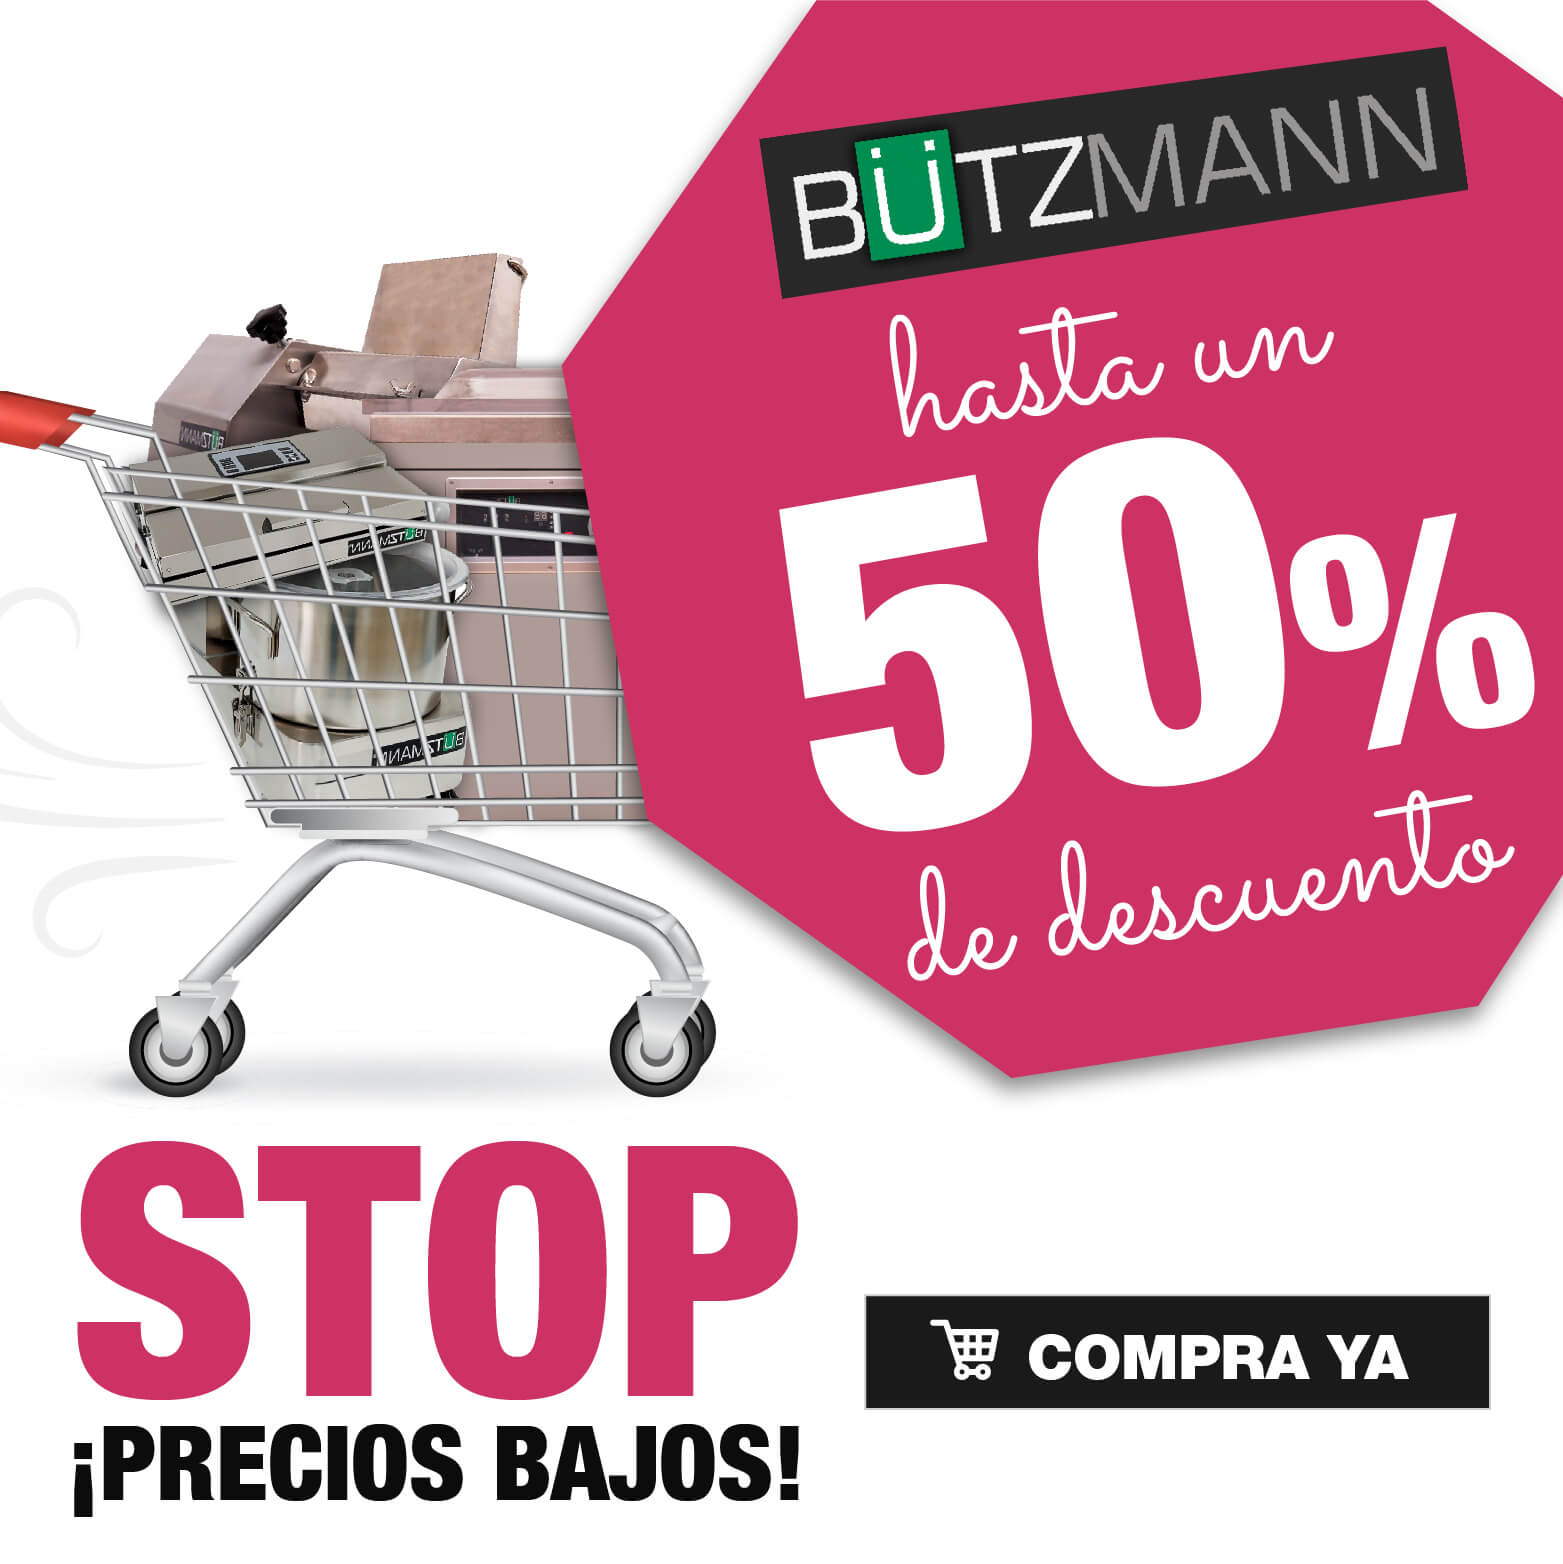 Promoción BÜTZMANN